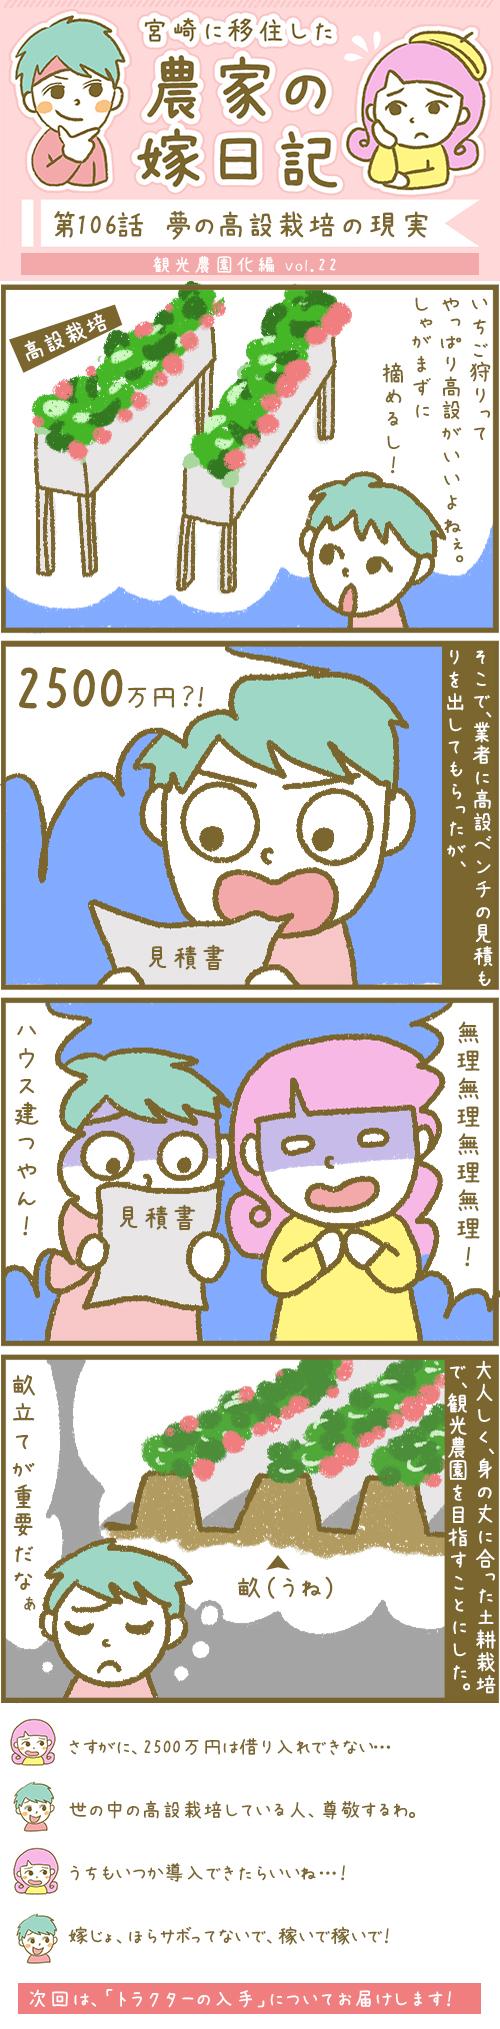 漫画第106話